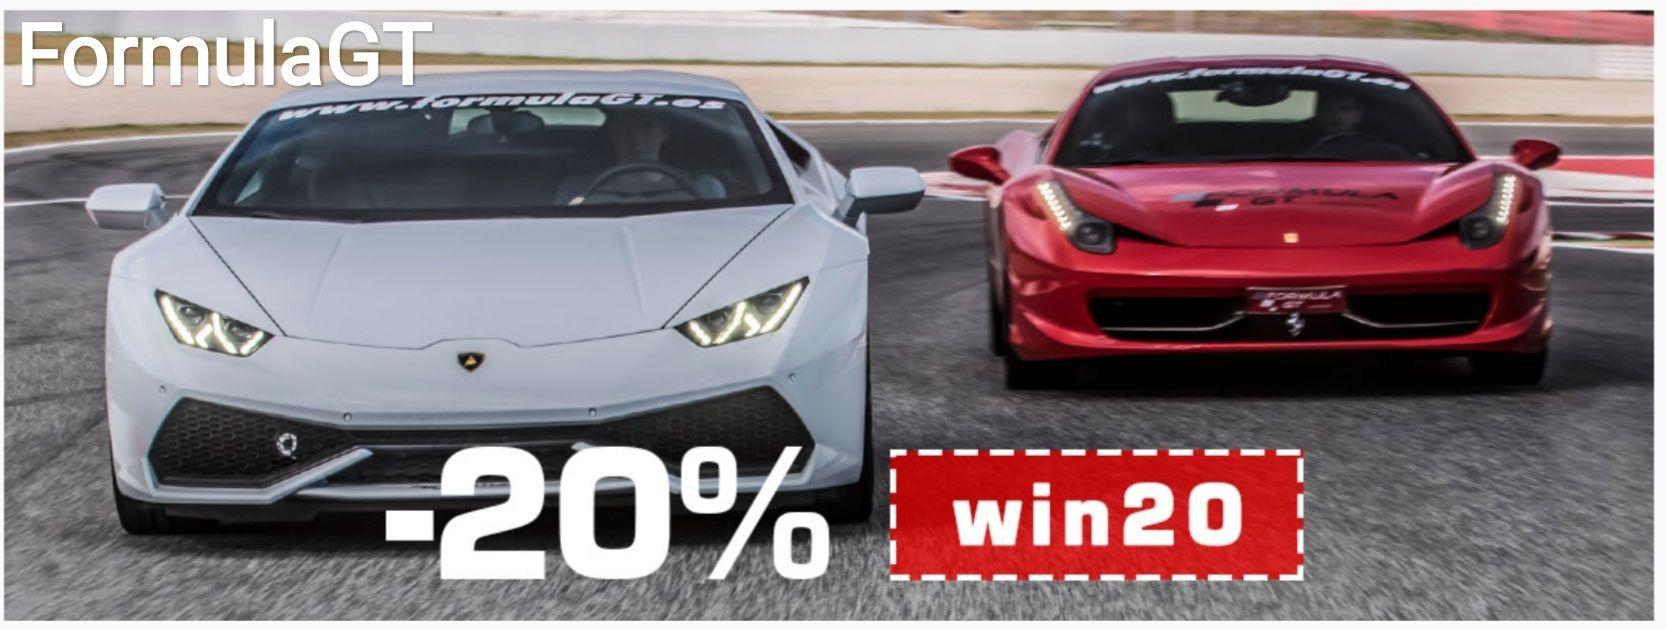 -20%entodas las experiencias de conducción